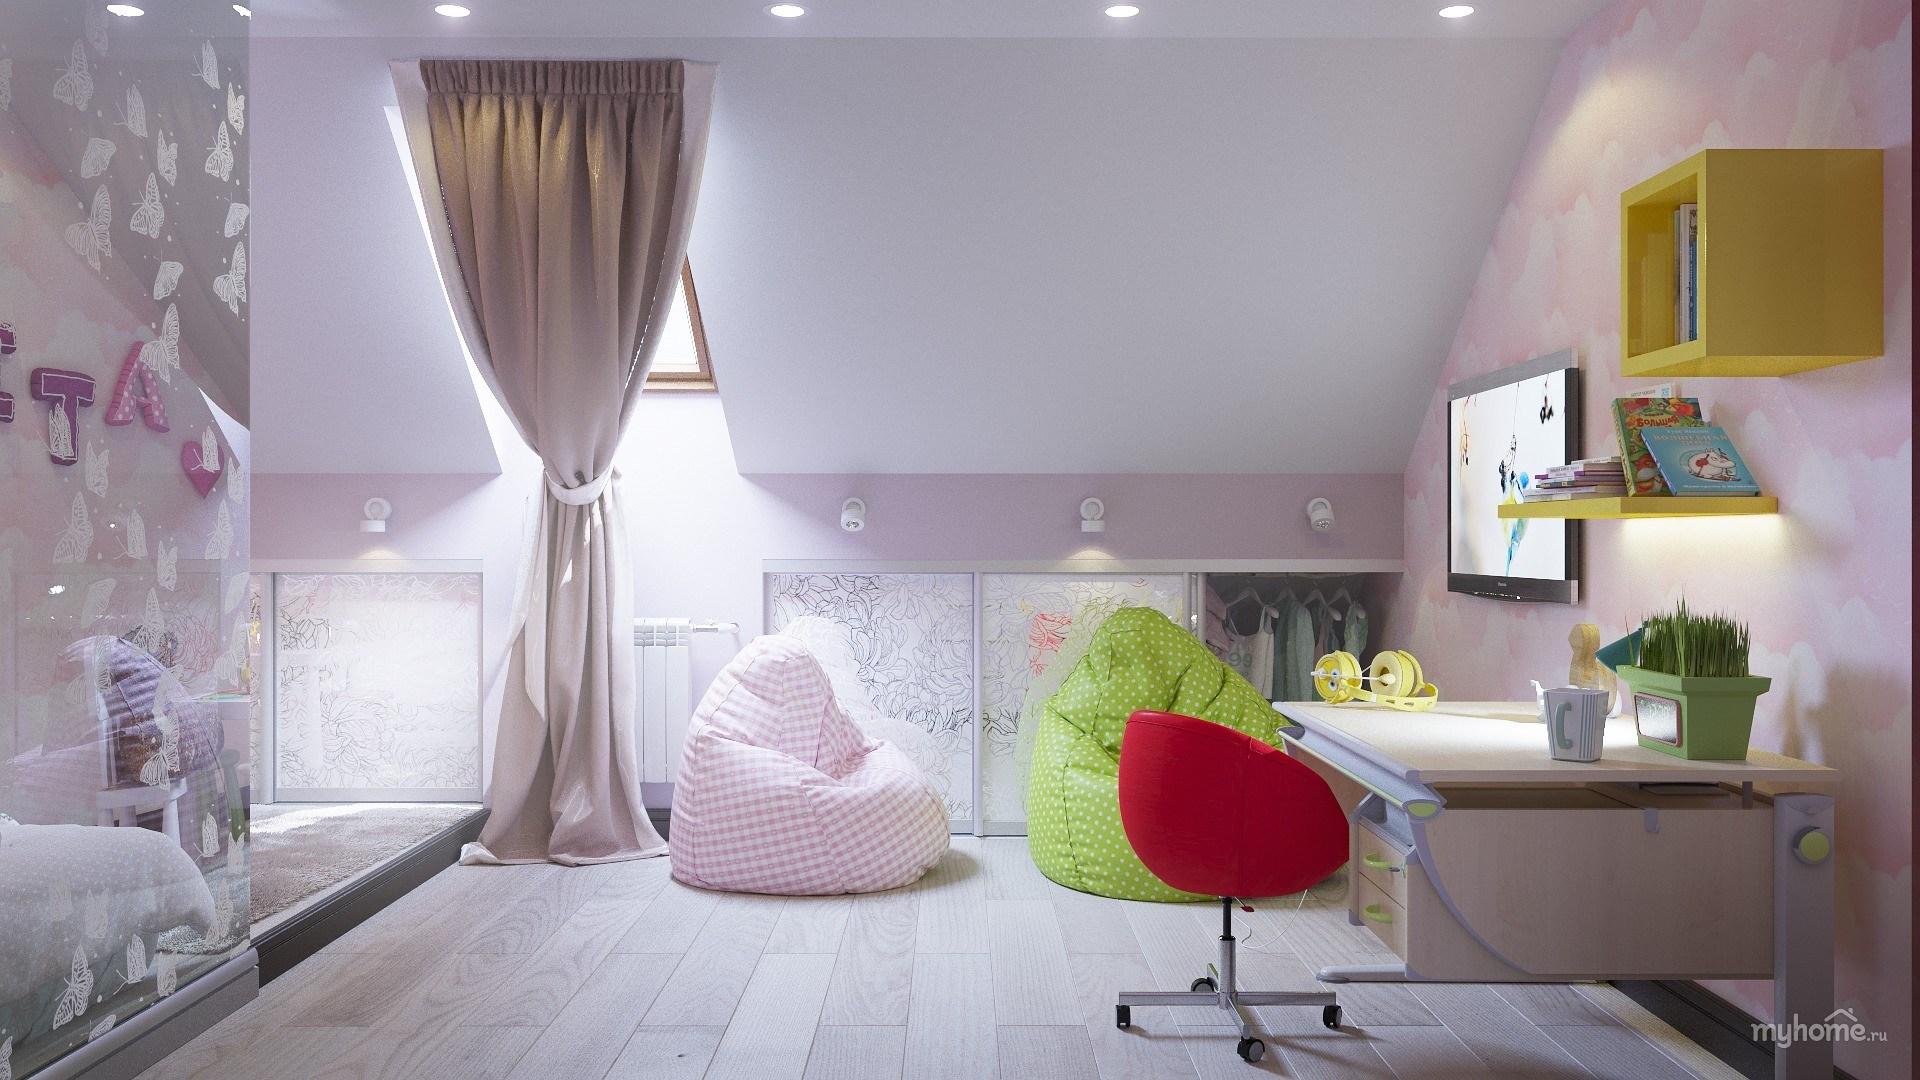 Koleksi Sempurna Untuk Kebutuhan Wallpaper Dinding - Child , HD Wallpaper & Backgrounds